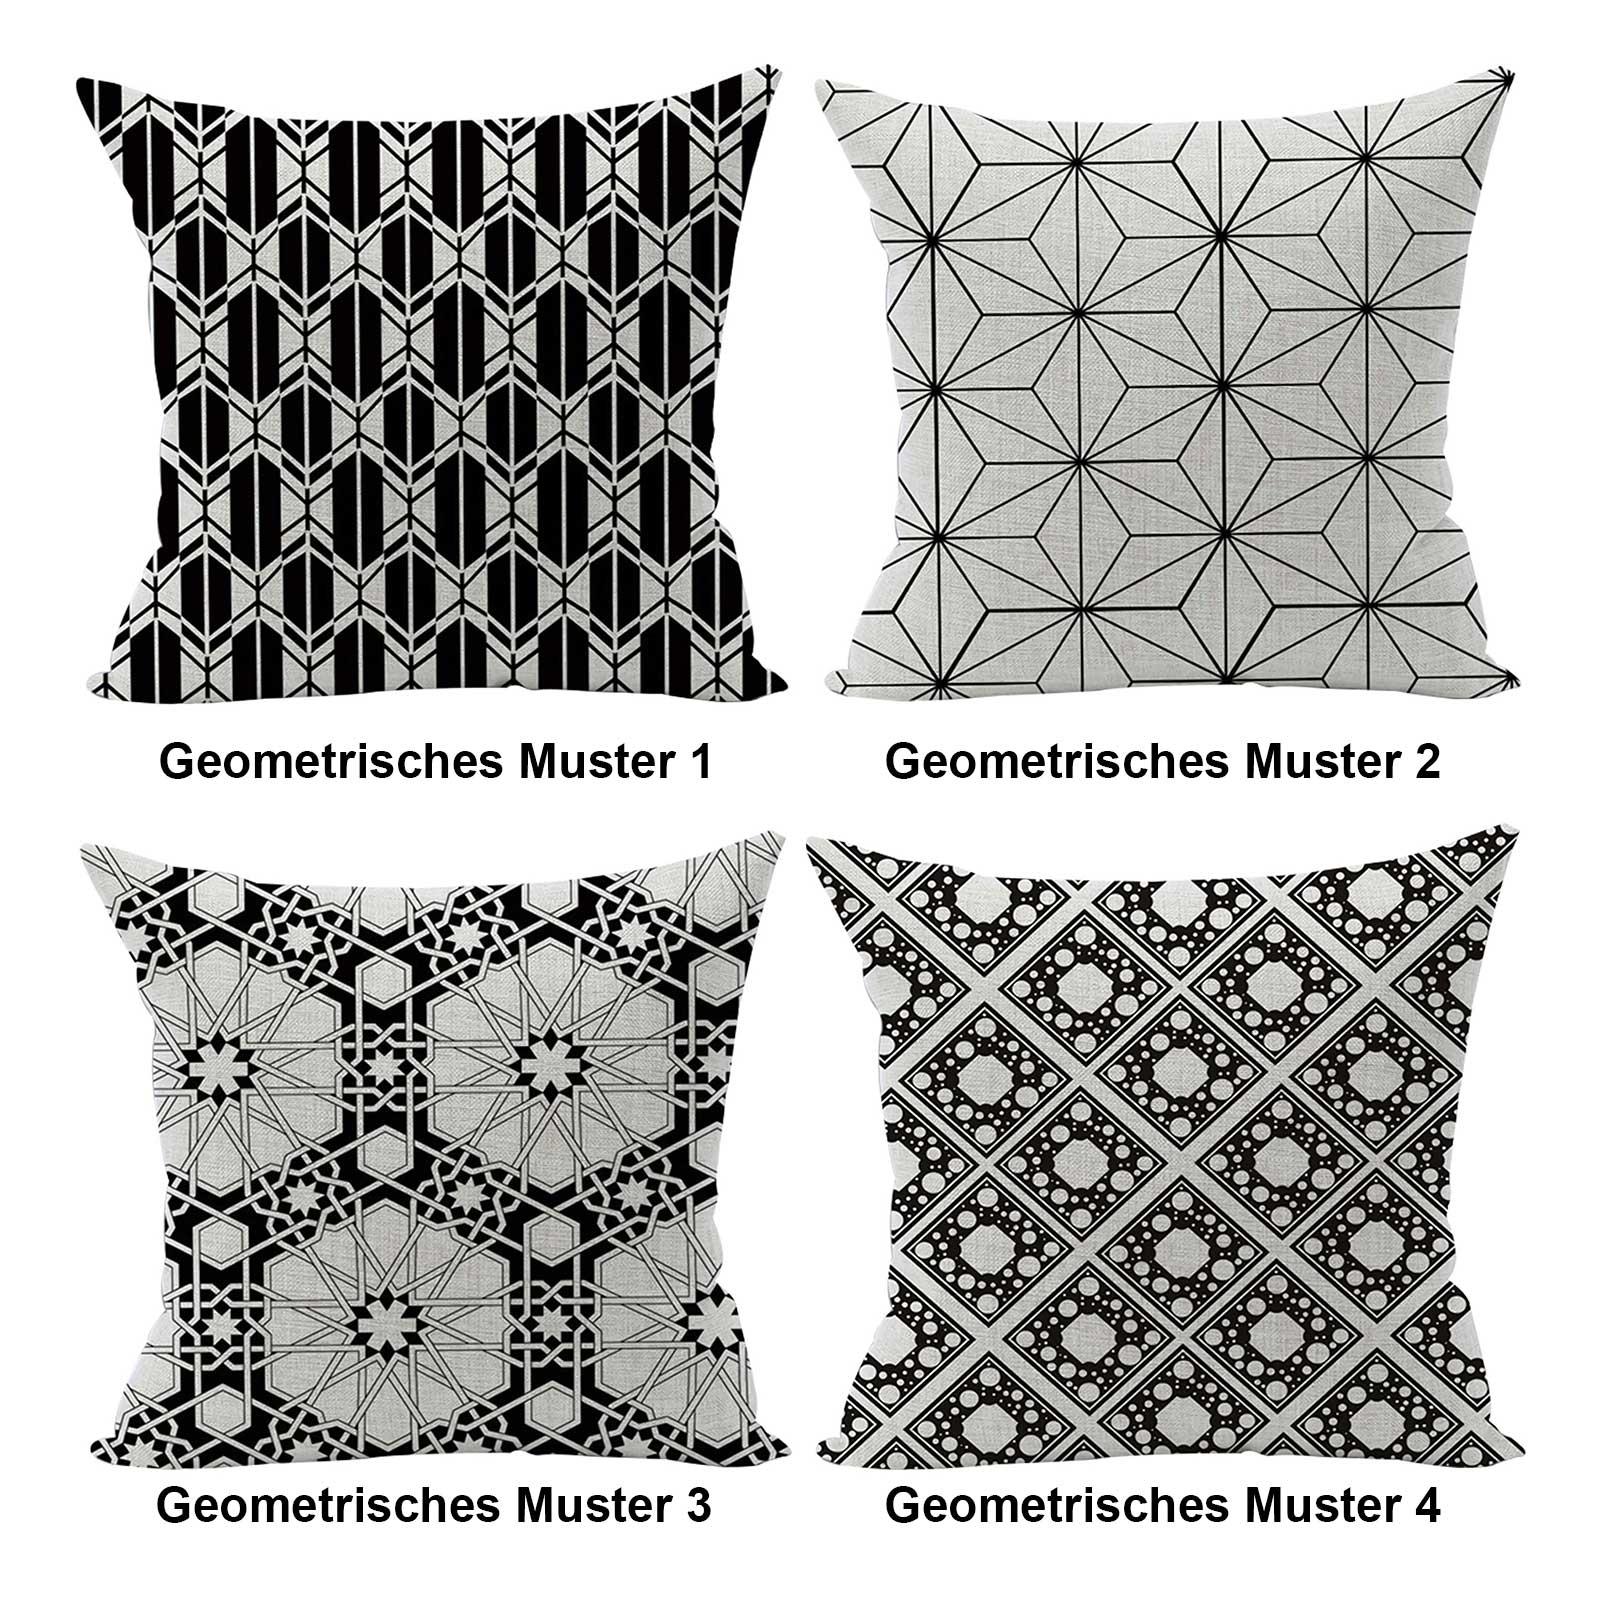 1 Kissenhülle Geometrische Muster Kissenbezug Dekokissen Leinenstruktur Zierkissen-Hülle – Bild 2